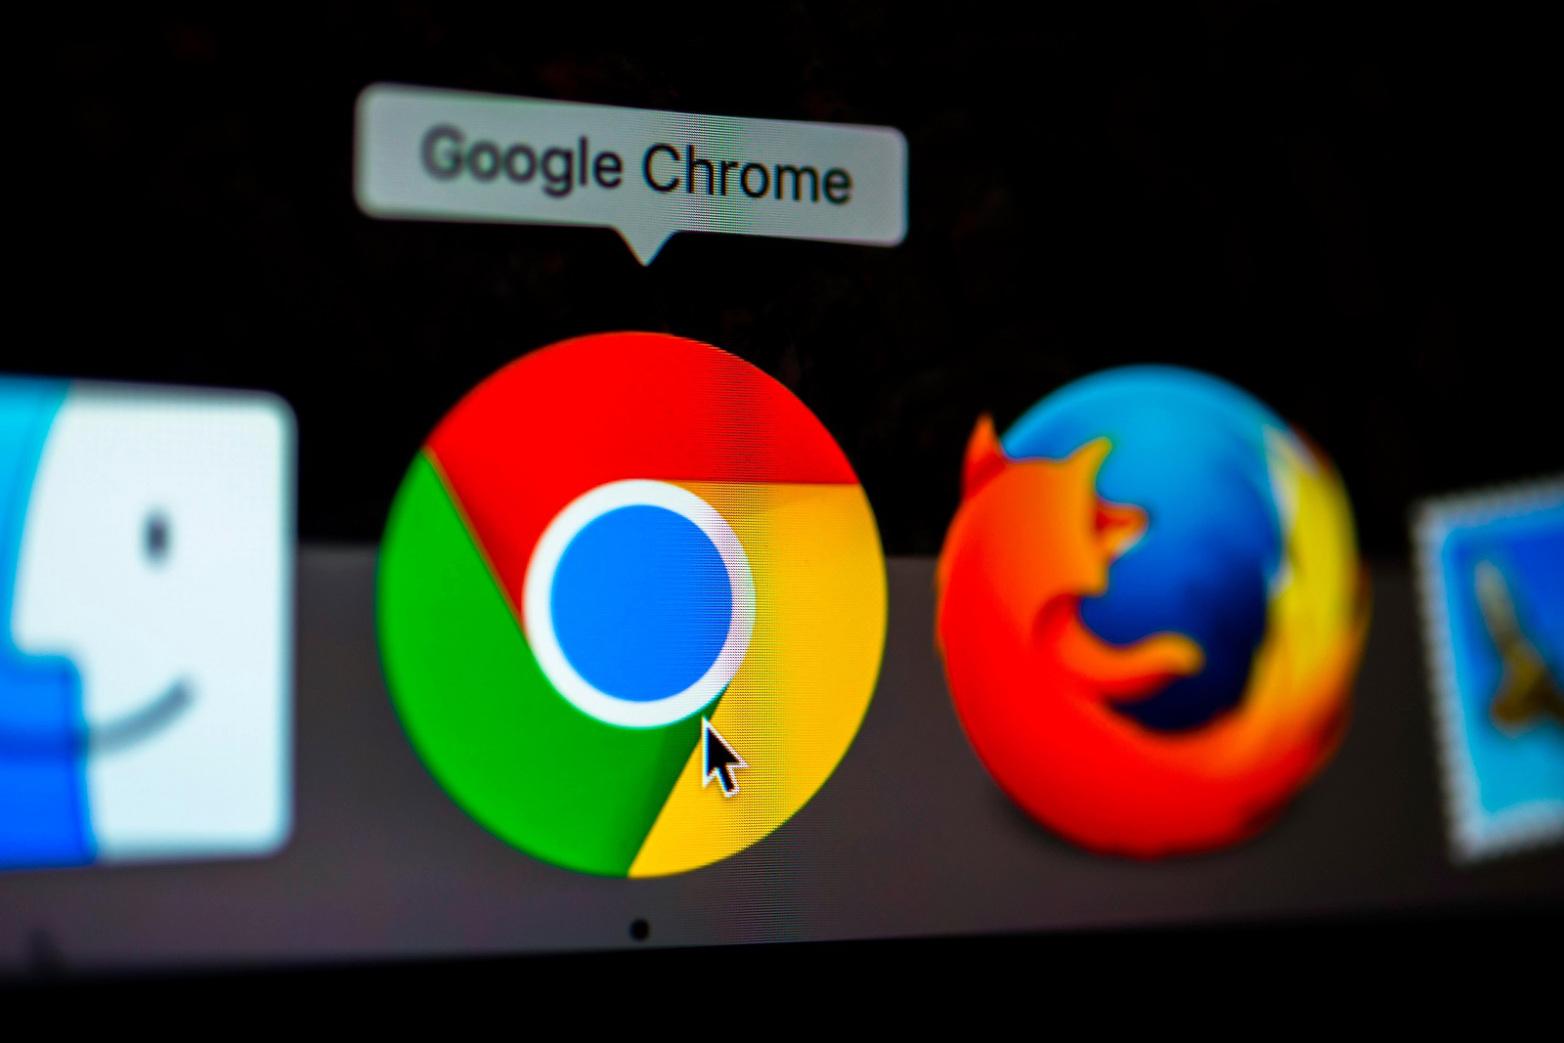 تفعيل الوضع المظلم dark mode على متصفح جوجل كروم Google Chrome